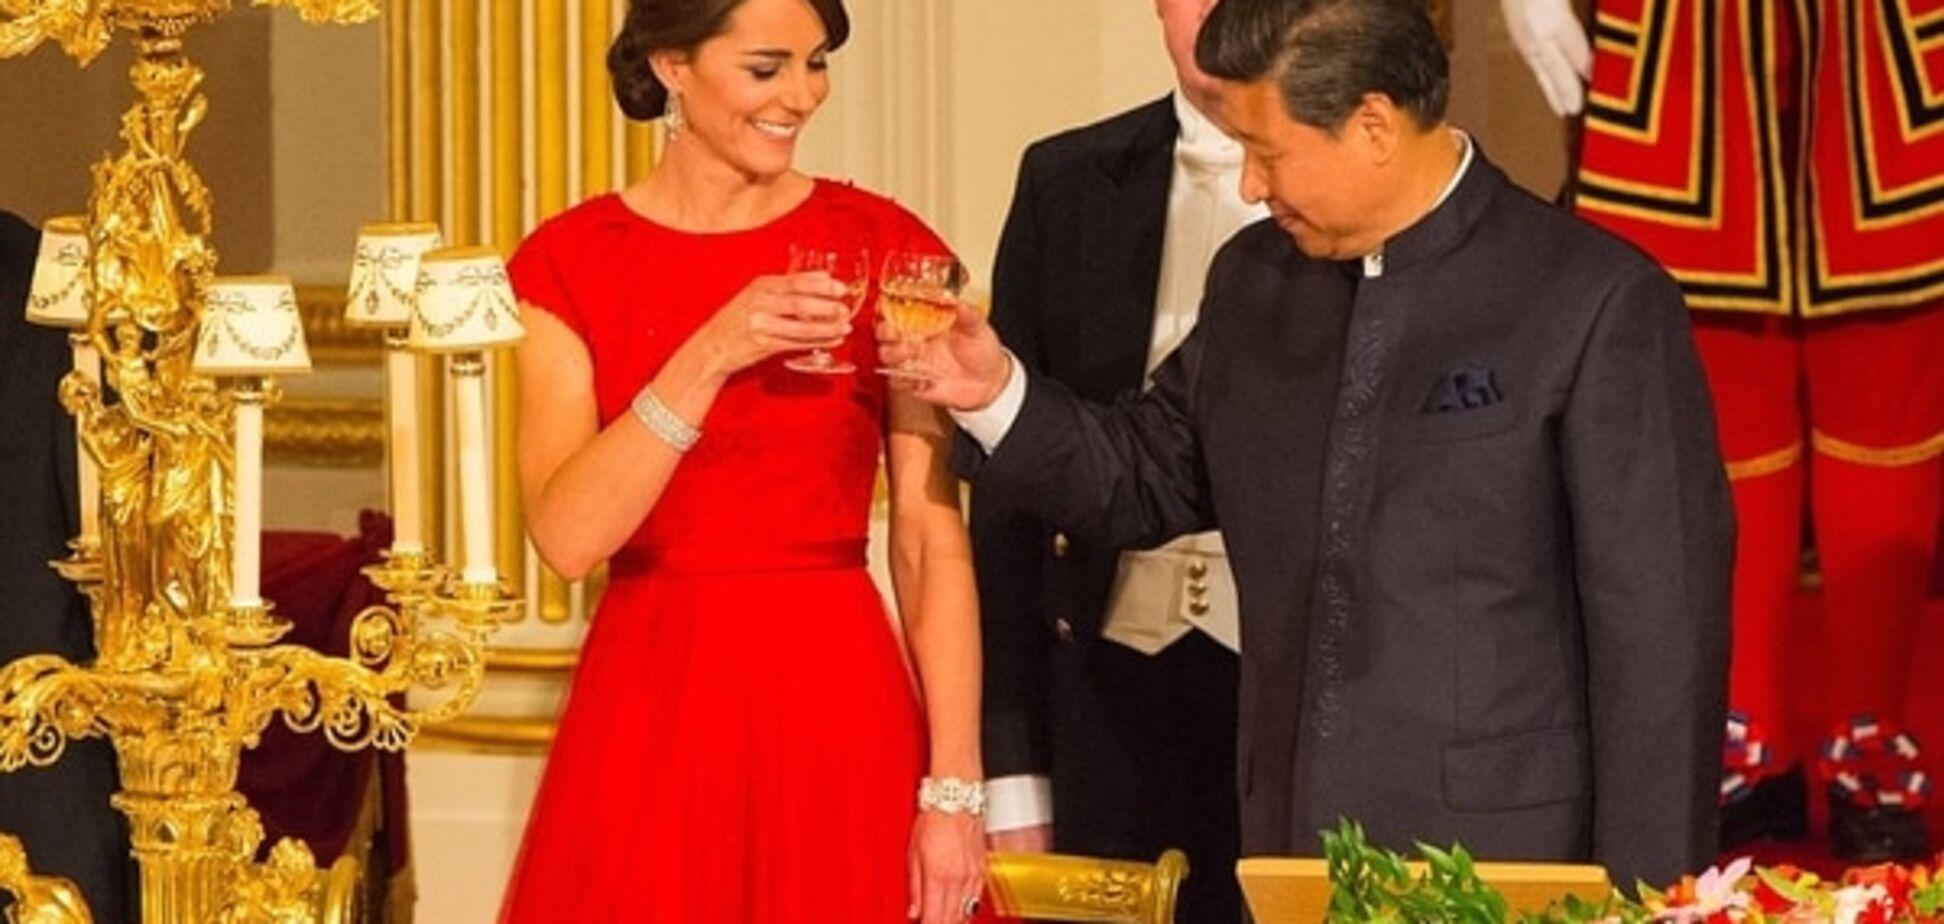 Кейт Миддлтон в тиаре королевы ослепила красотой президента Китая